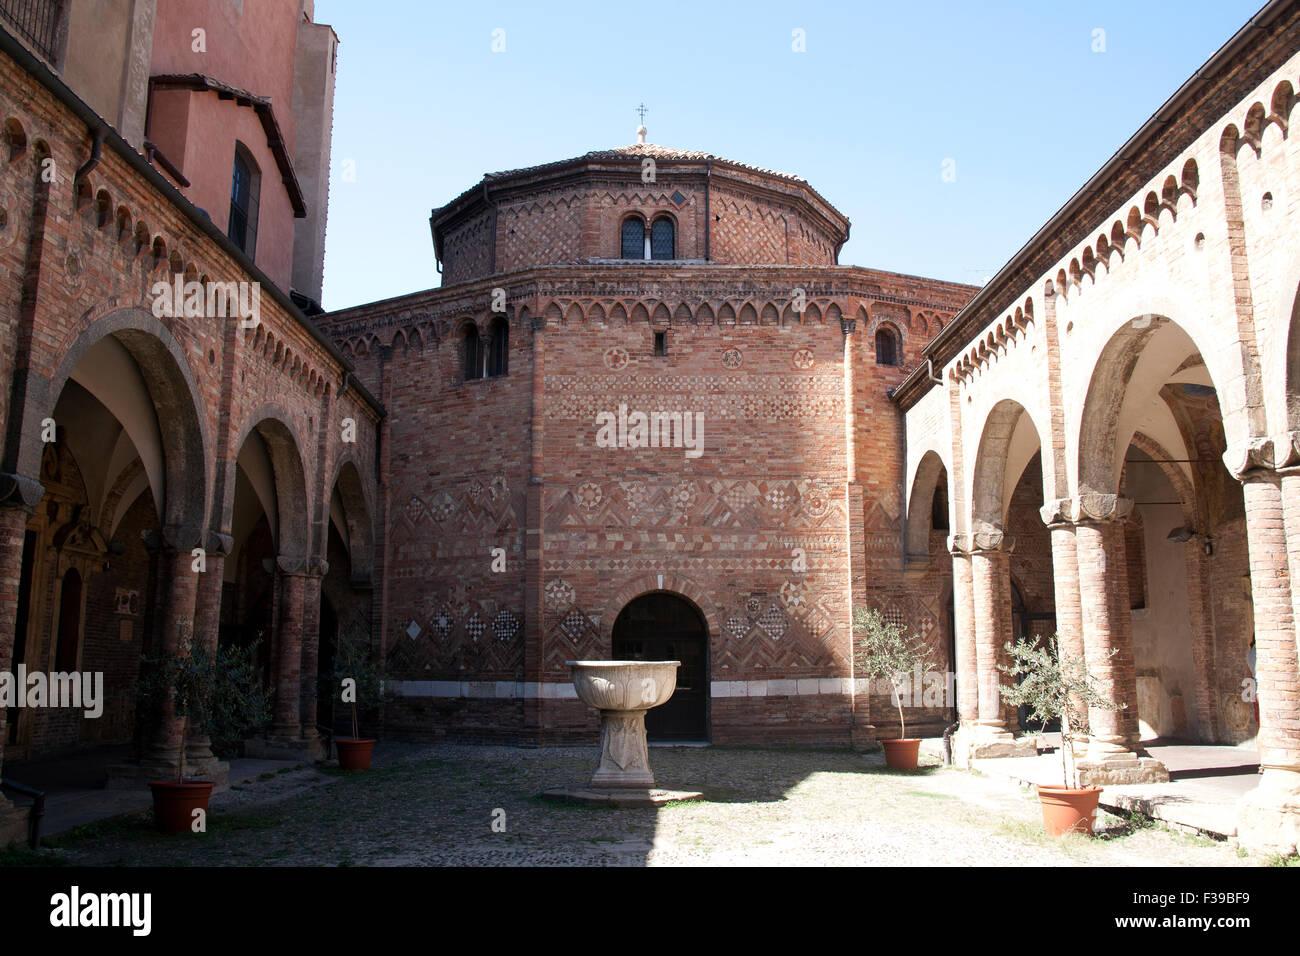 Il cortile delle Sette Chiese - Sette Chiese - di Piazza Santo Stefano Bologna Italia Foto Stock